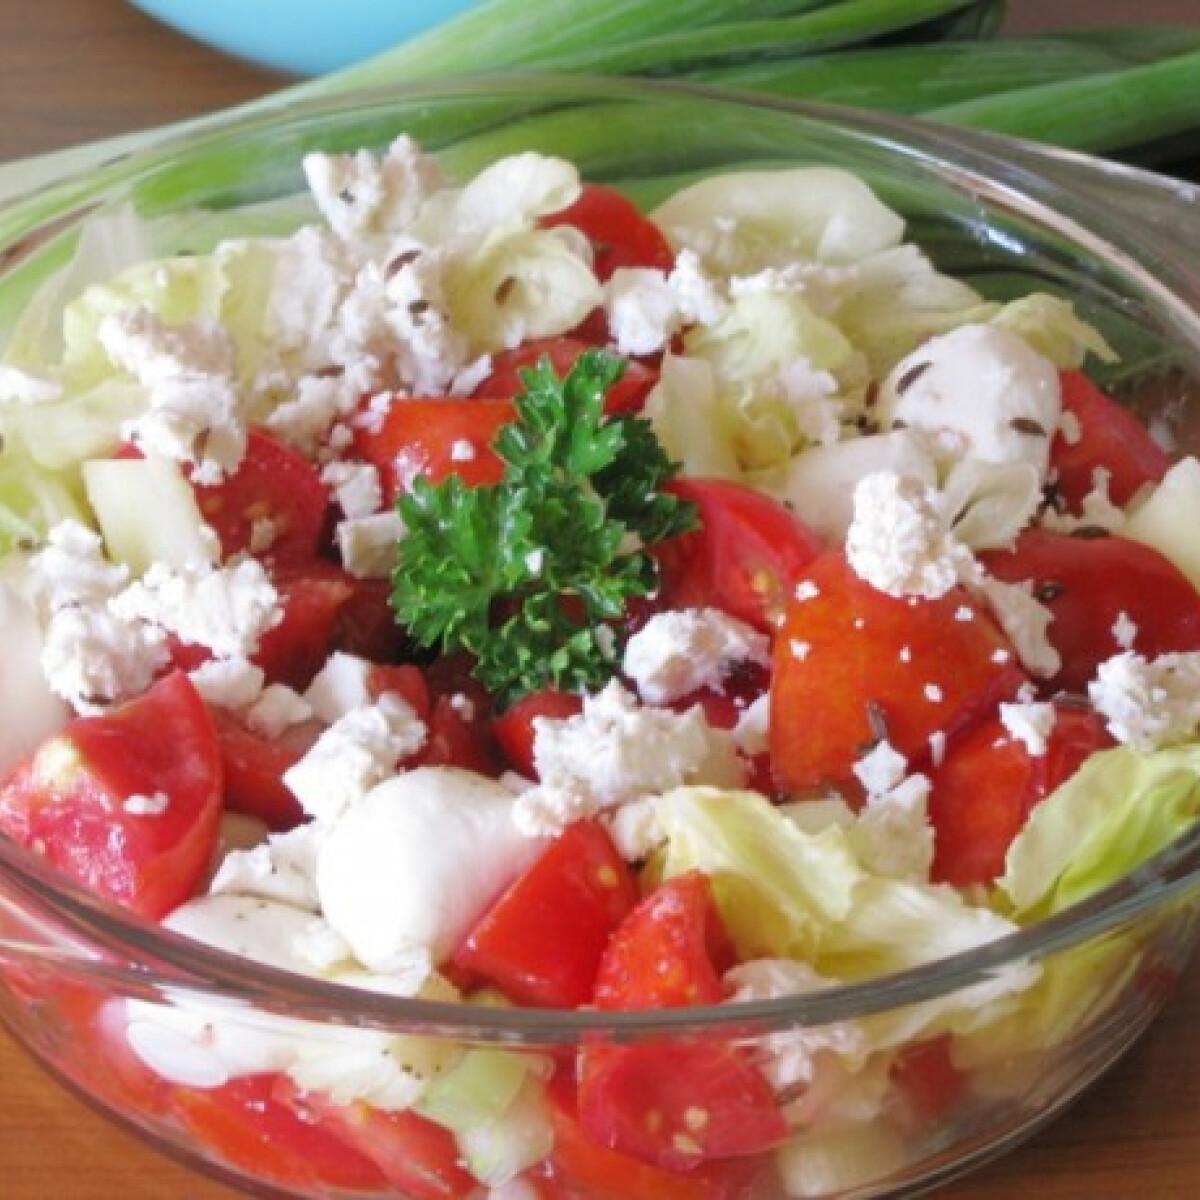 Ezen a képen: Köményes-újhagymás paradicsomos saláta